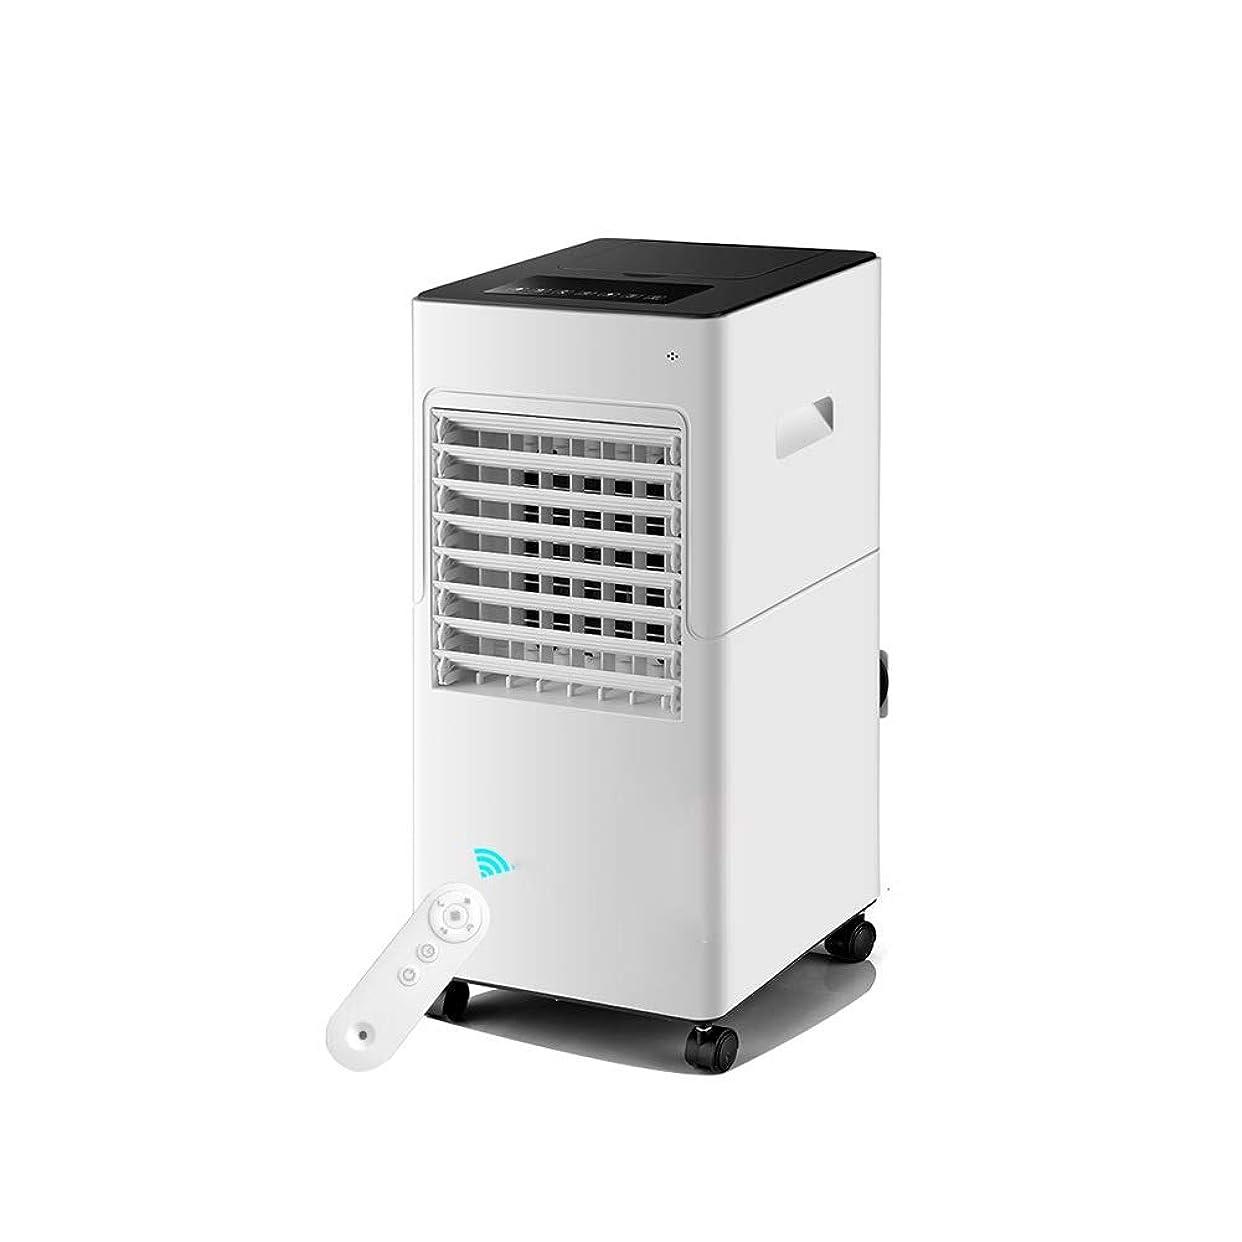 ブート望む優先権LPD-冷風機 エアコンポータブル冷風クーラーファンモバイルエアコン加湿器空気清浄機12時間タイミング急速冷却スマートタッチパネル